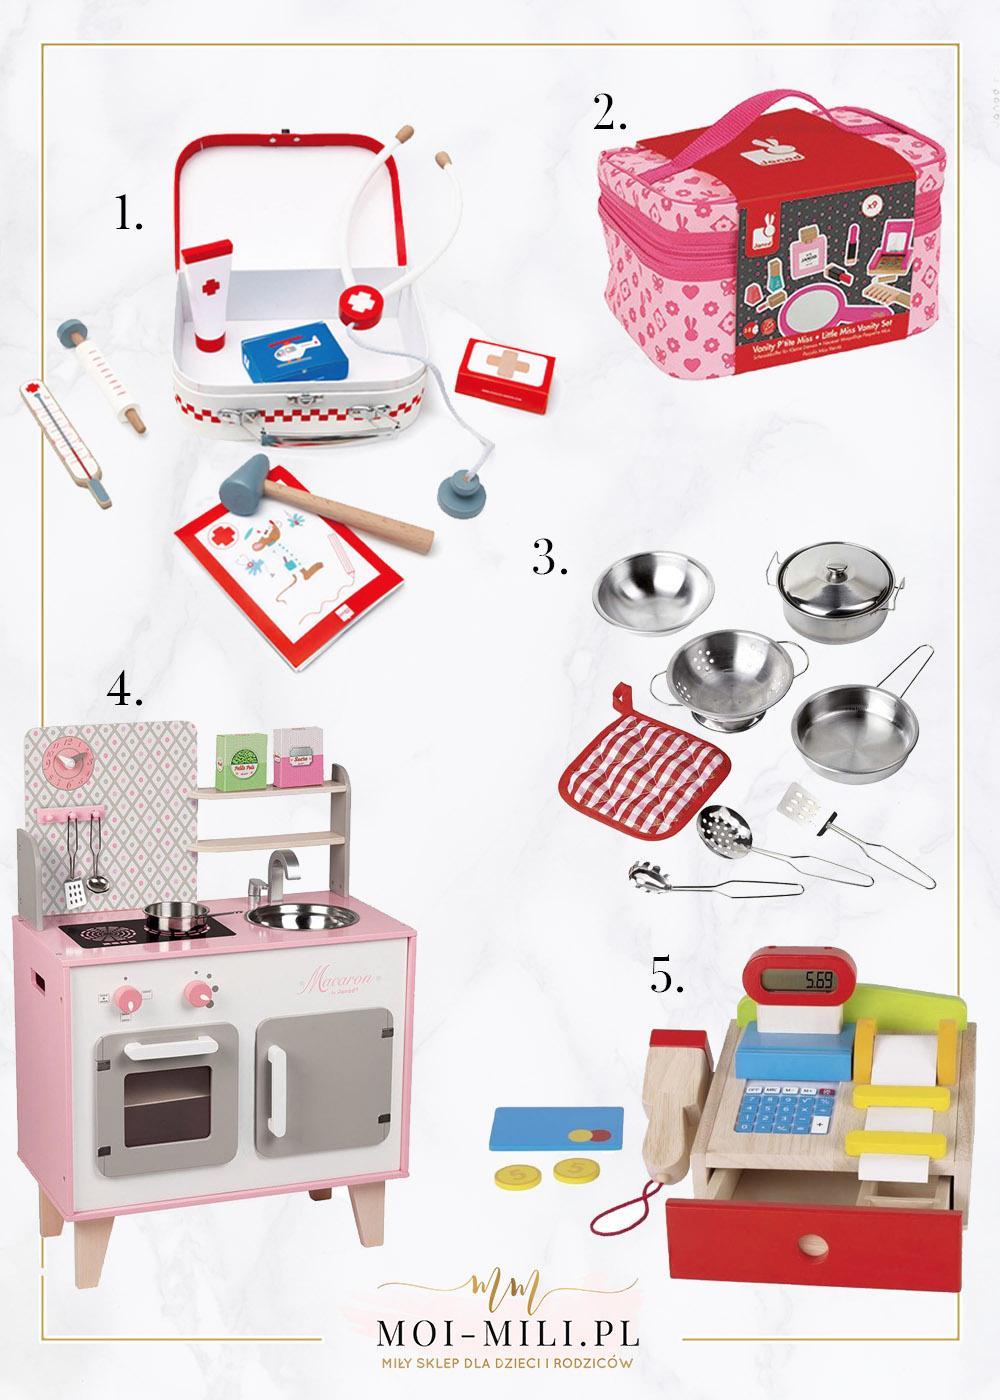 50 Pomyslow Na Prezent Dla Dzieci 4 10 Lat Najlepsze Zabawki